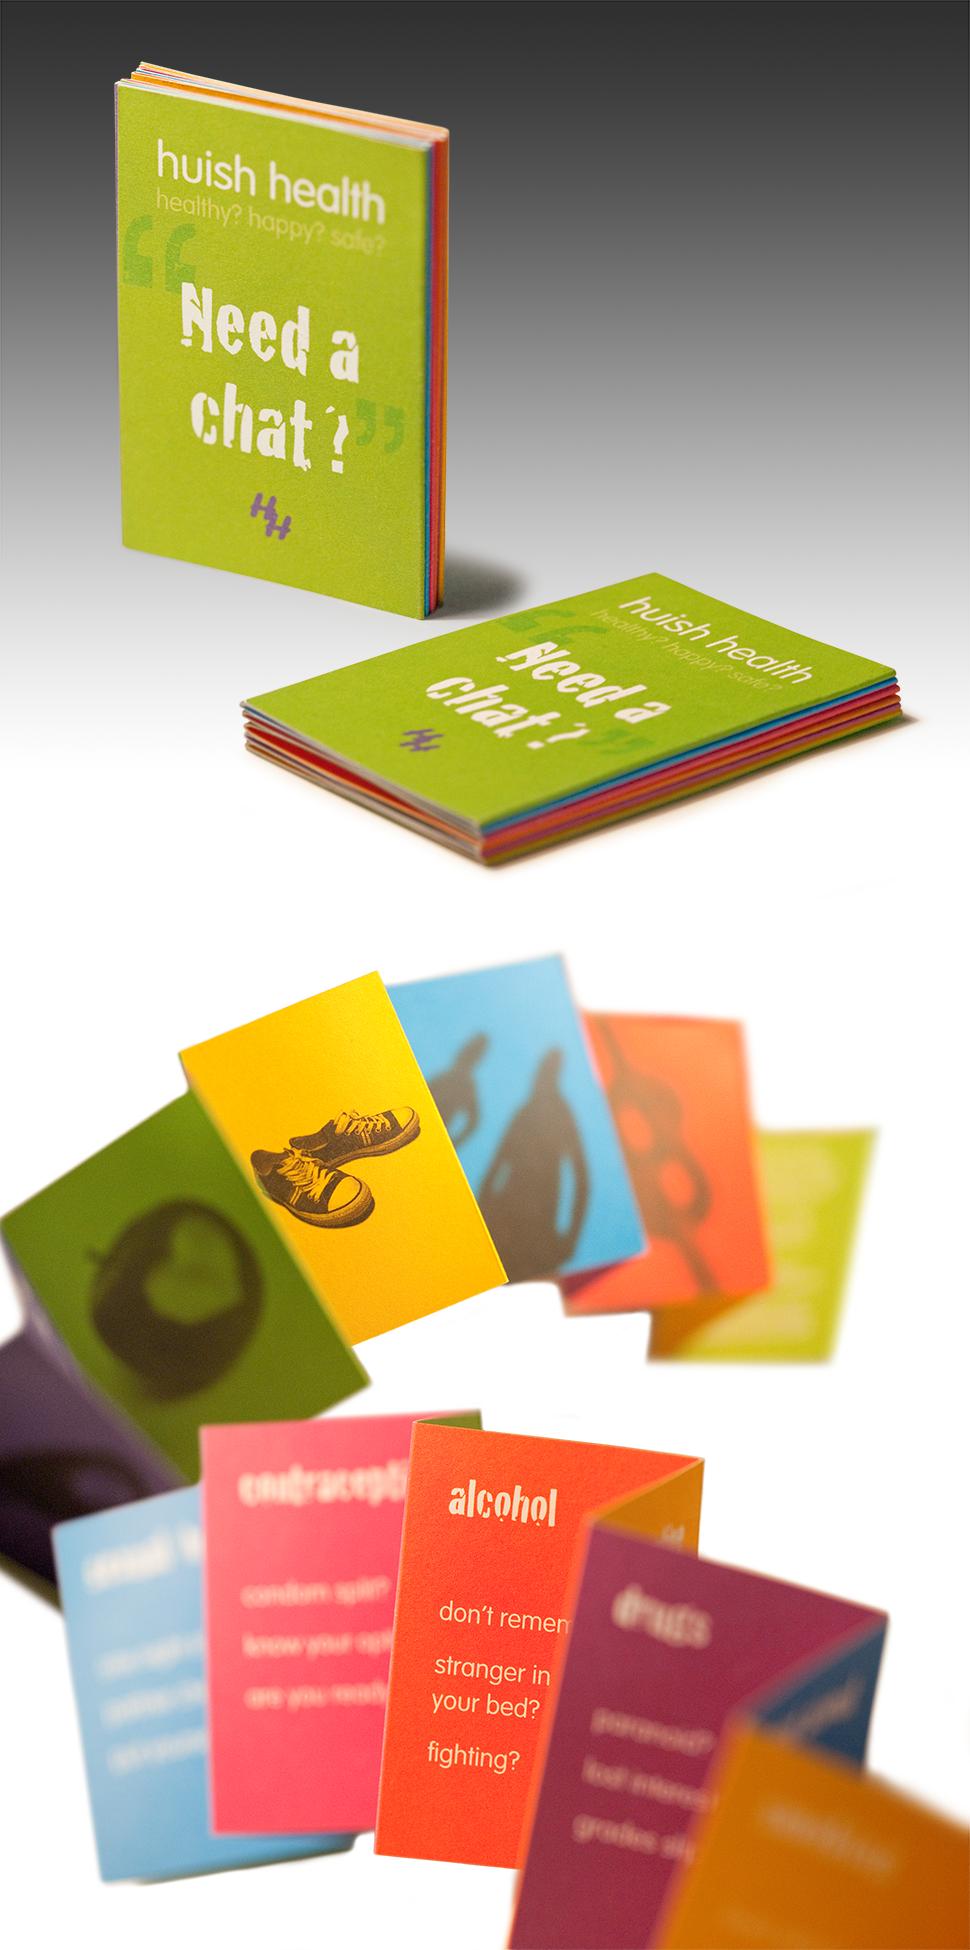 Pocket Sized Leaflet Leaflet Business Card Size Health